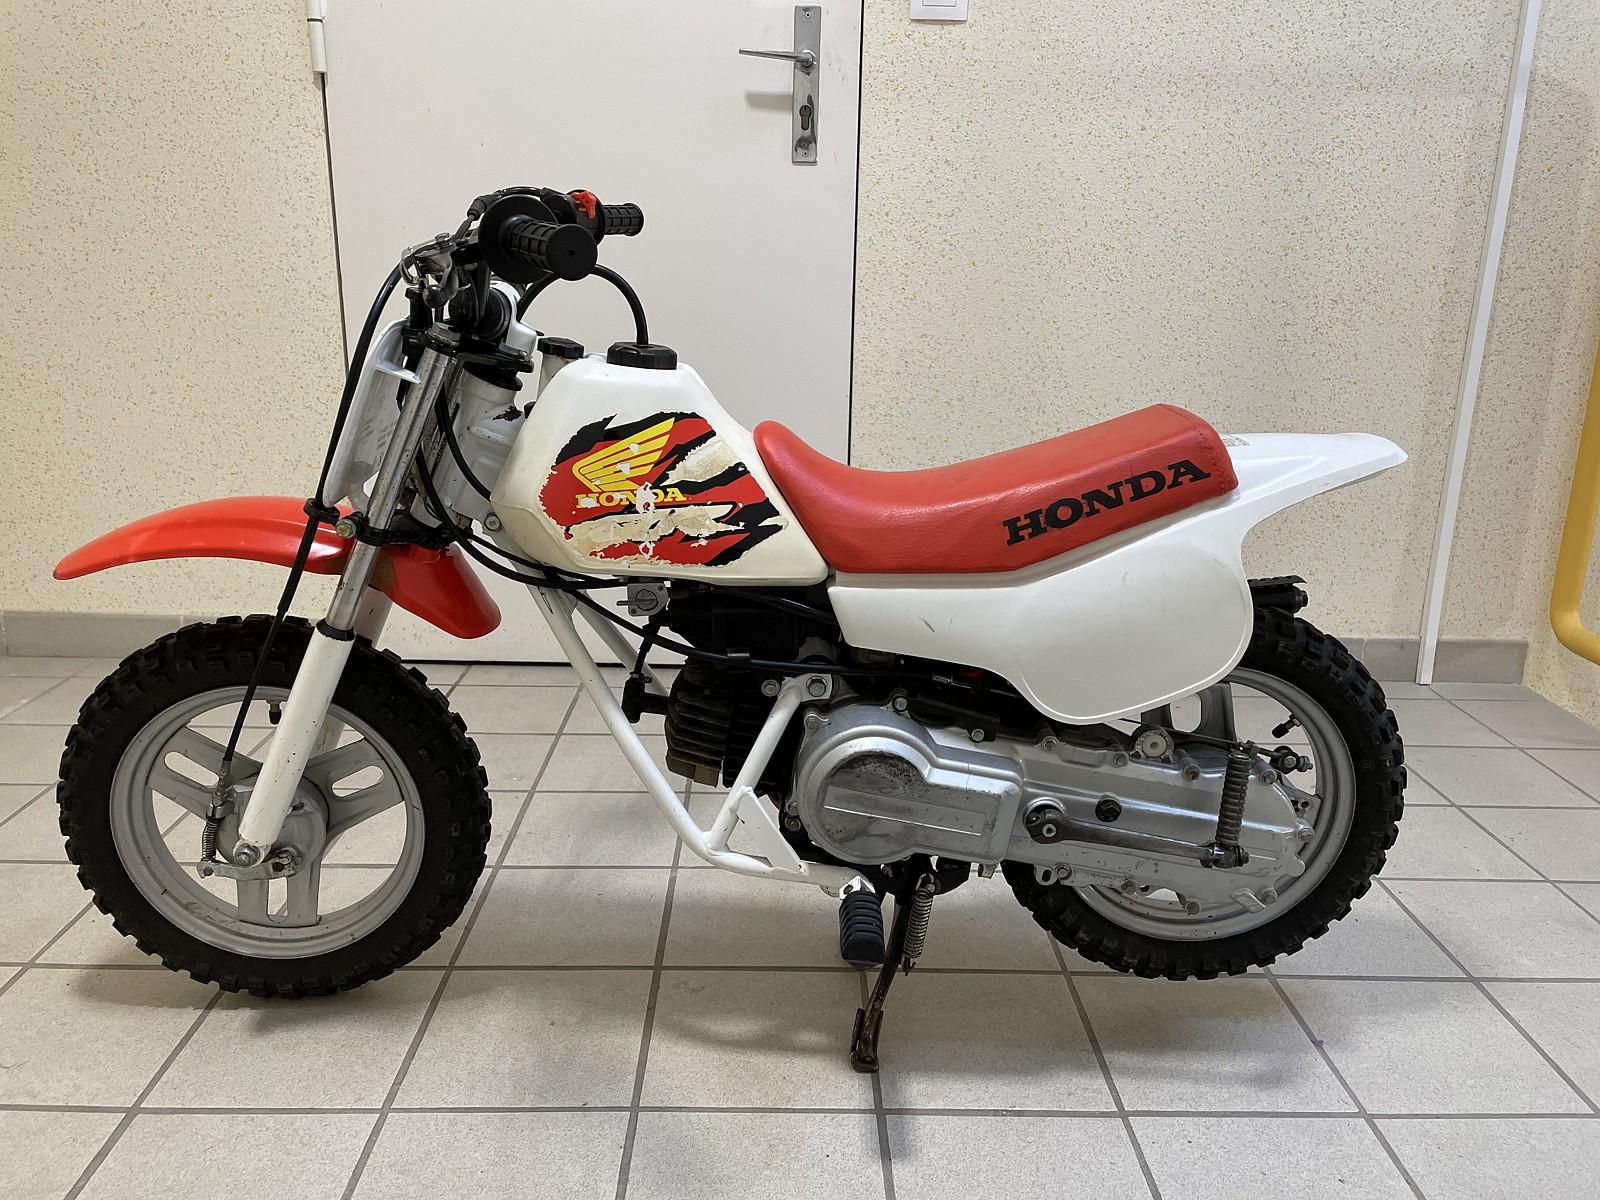 8B33201D-E698-4025-992A-8BE200EDCD45 - Godcho - Motocross Pictures - Vital MX